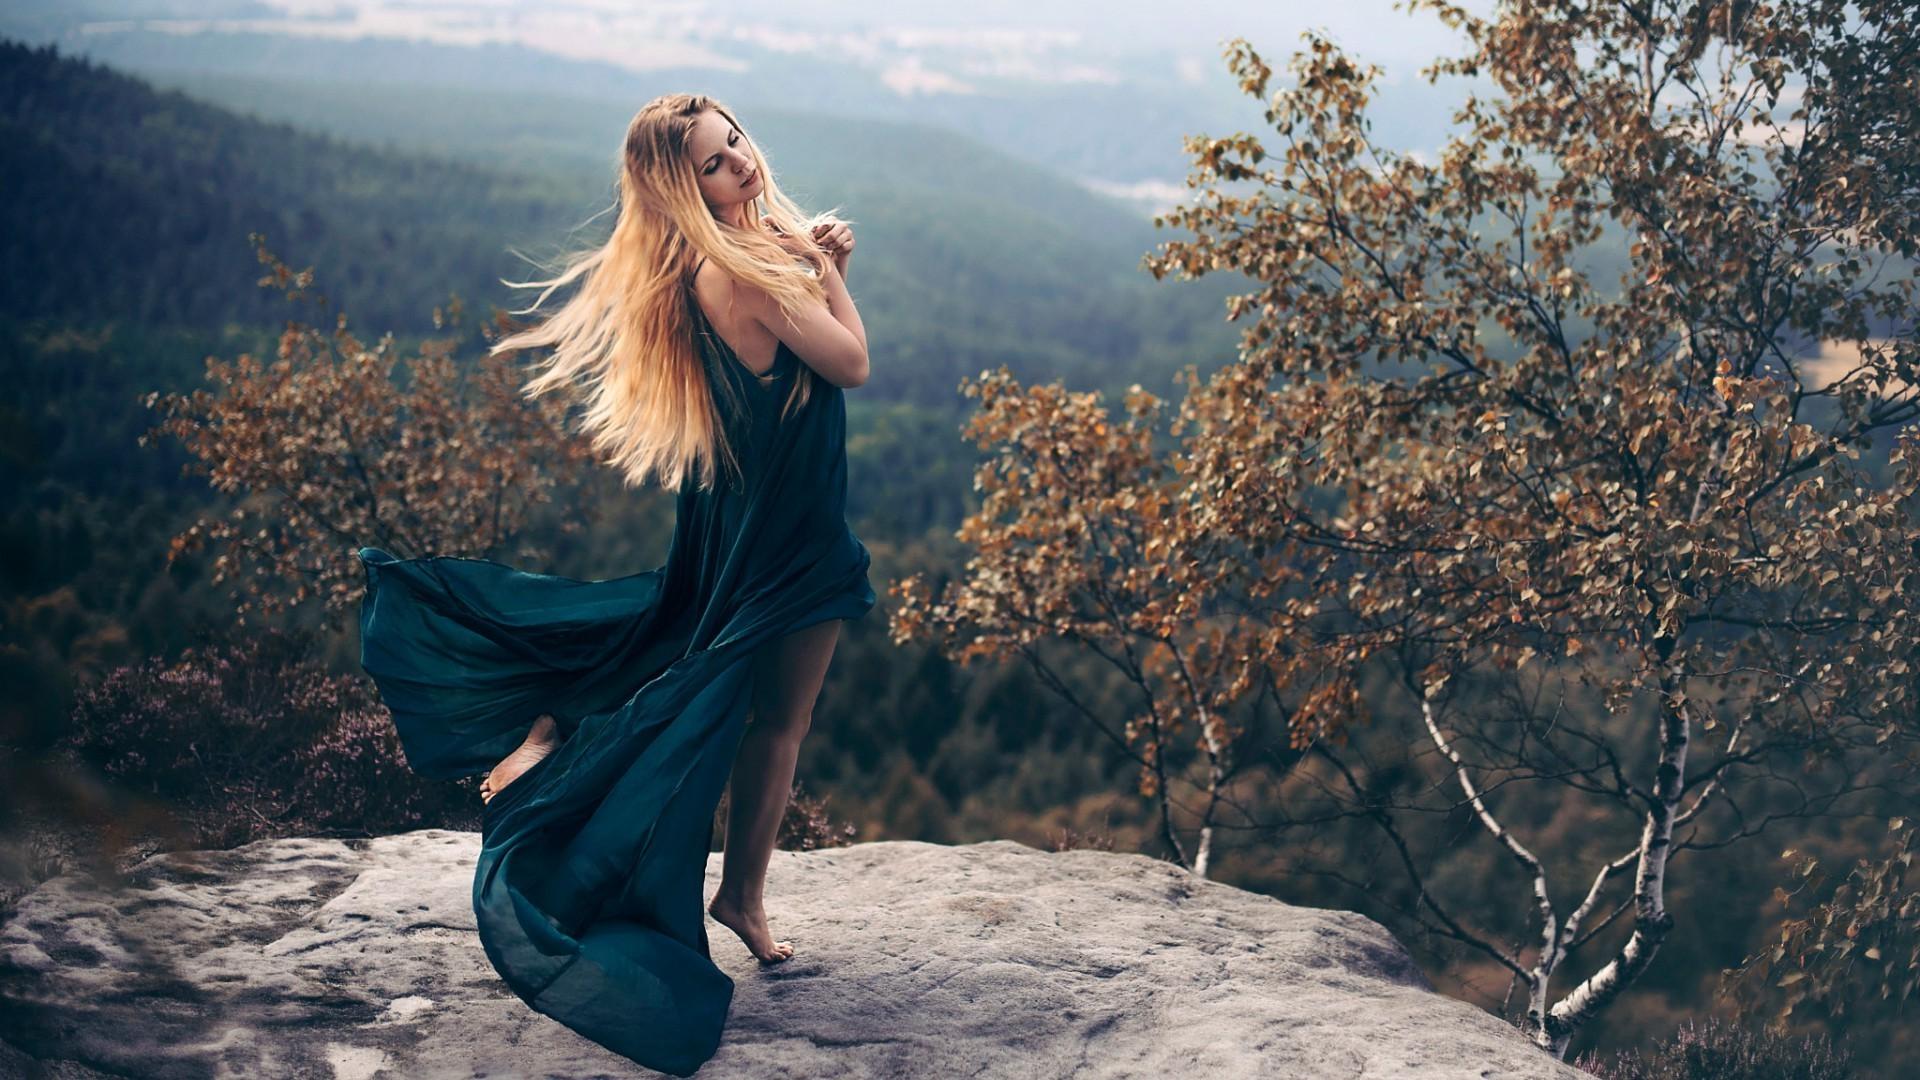 Wallpaper : sunlight, trees, forest, women outdoors